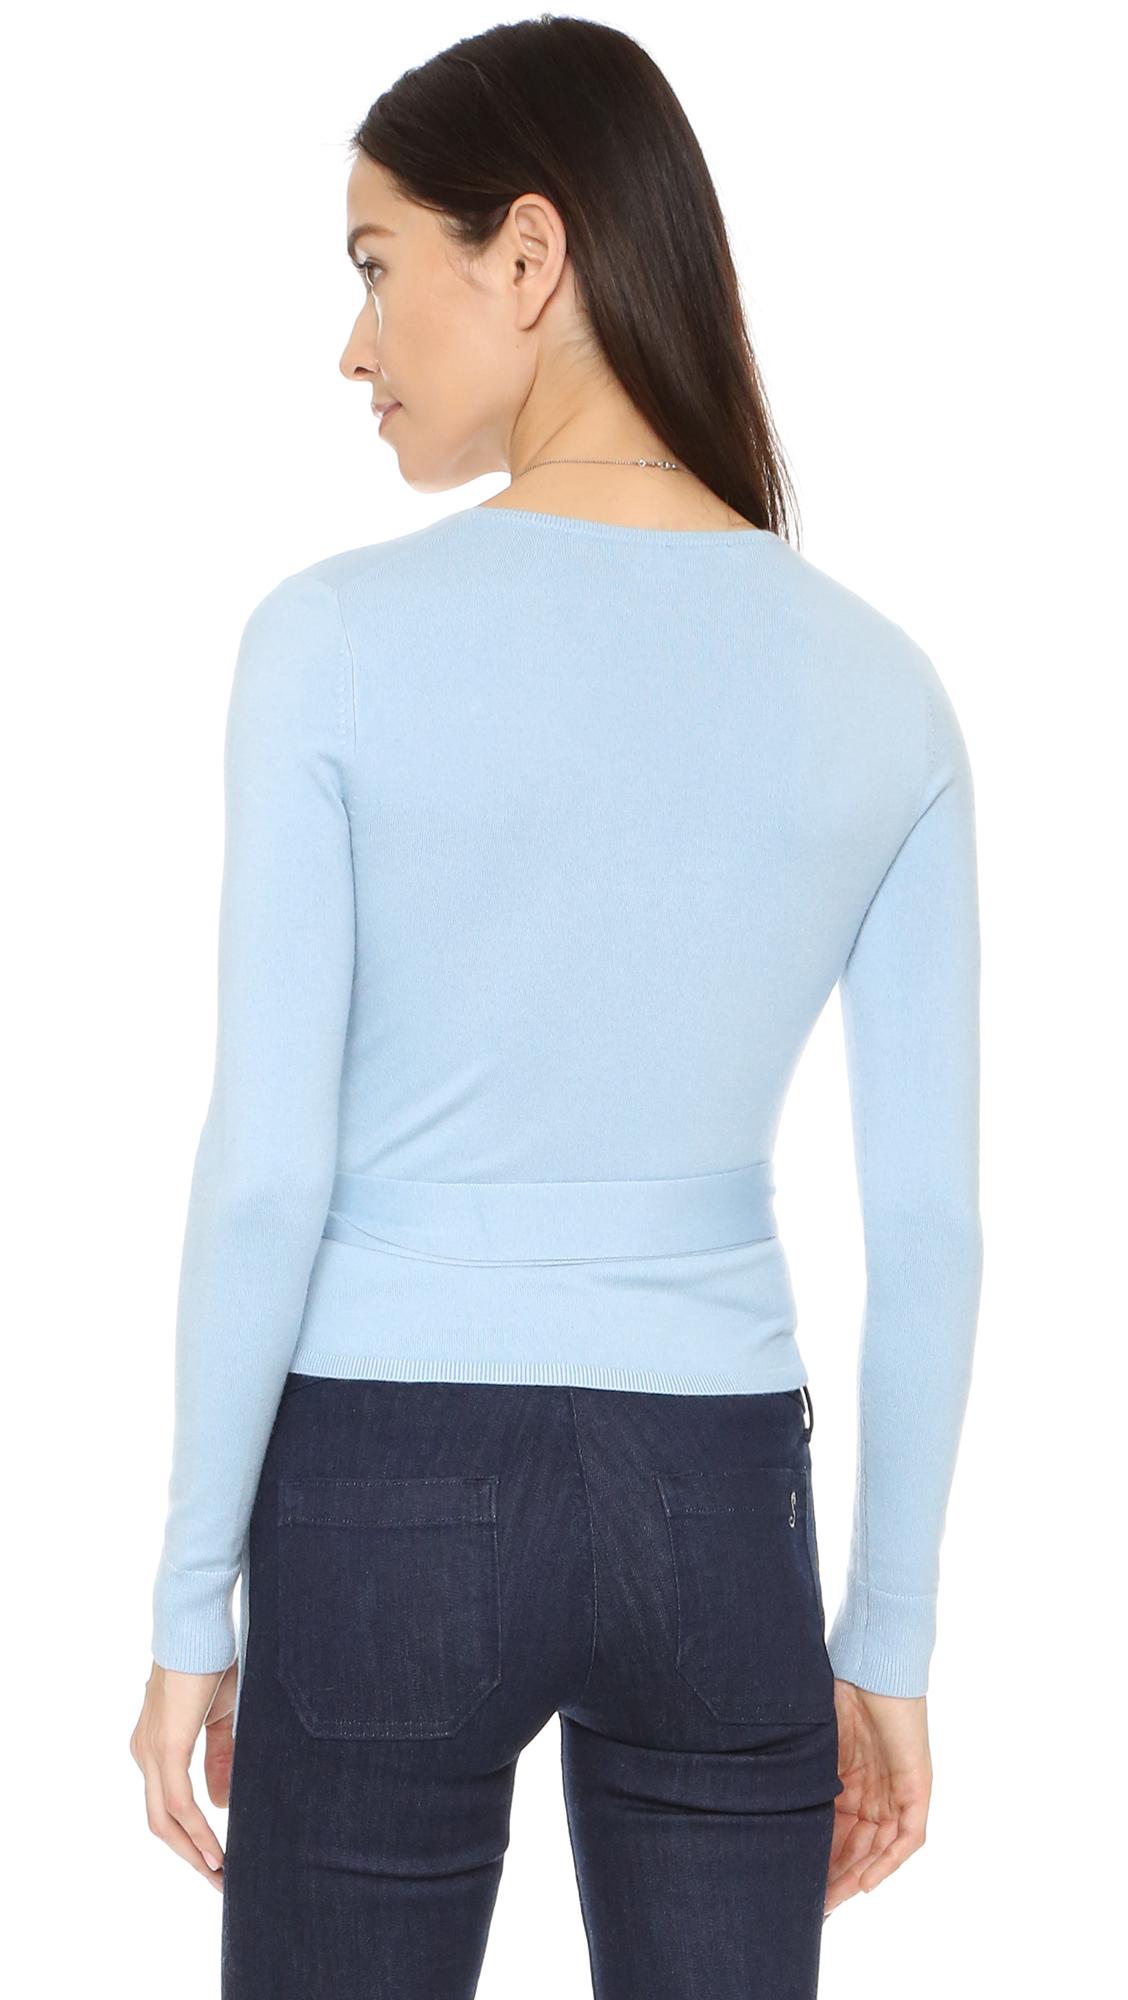 Diane von furstenberg Ballerina Wrap Sweater in Blue | Lyst